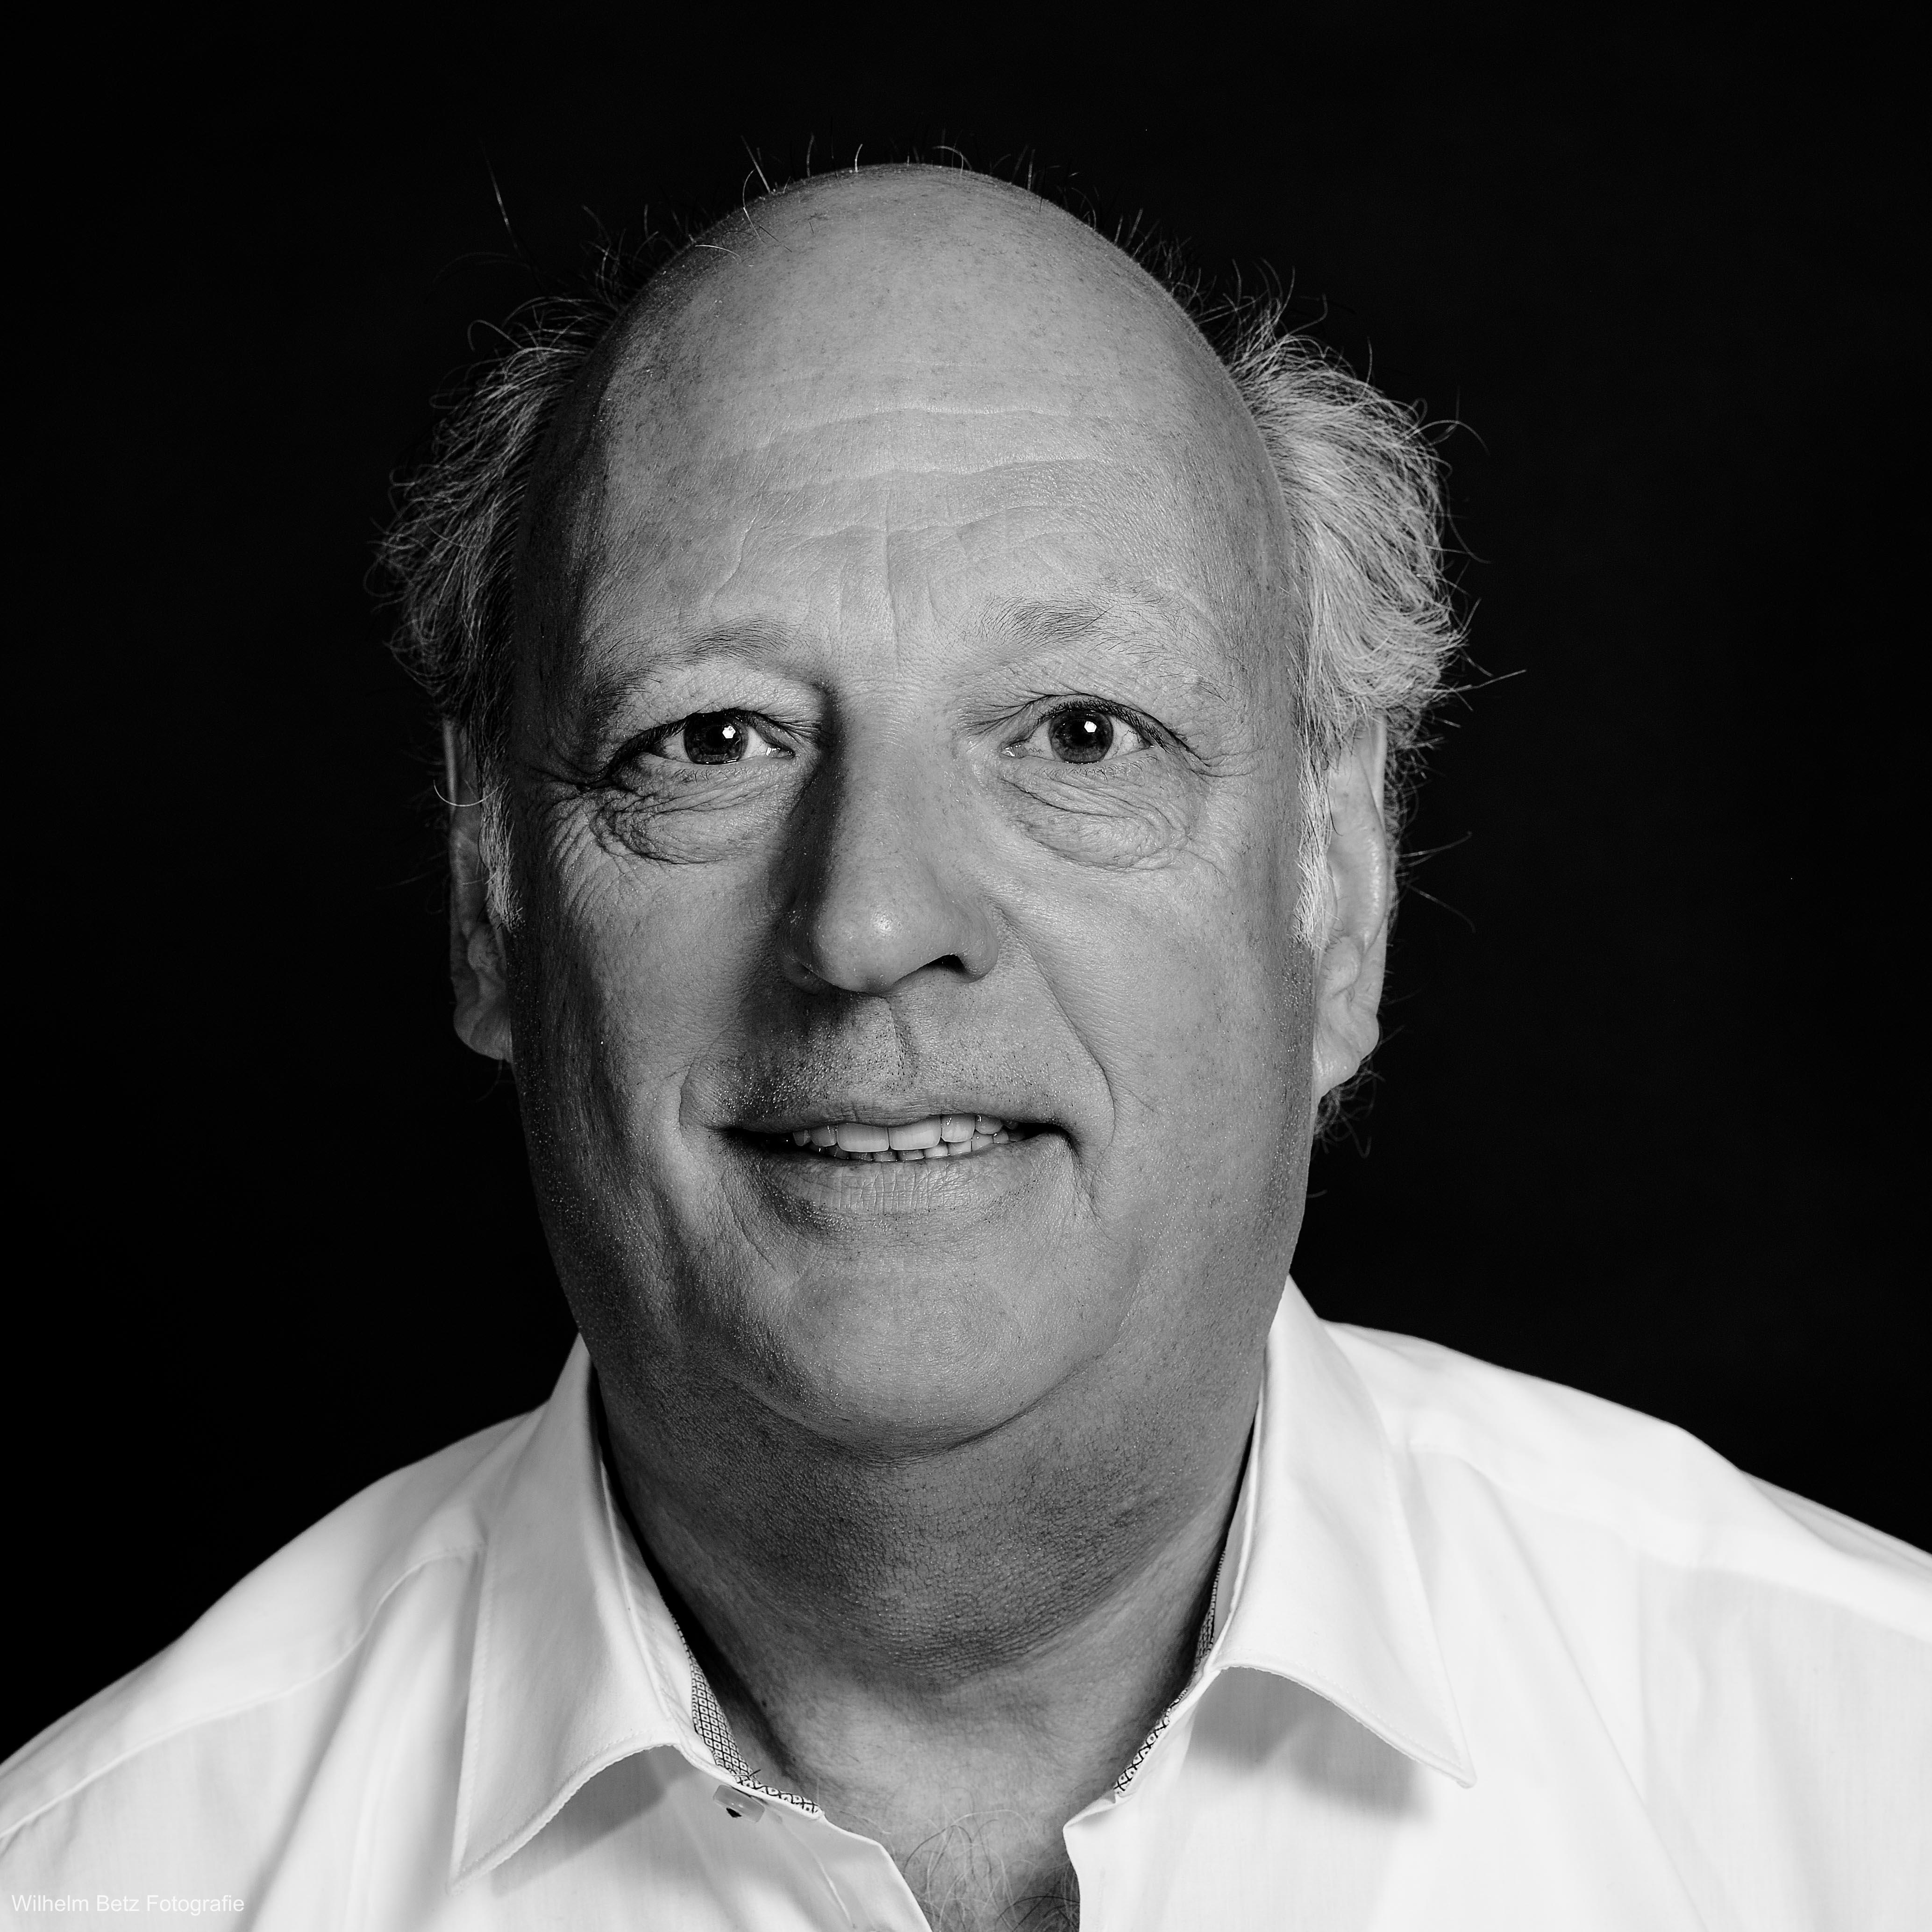 Volker Reuss